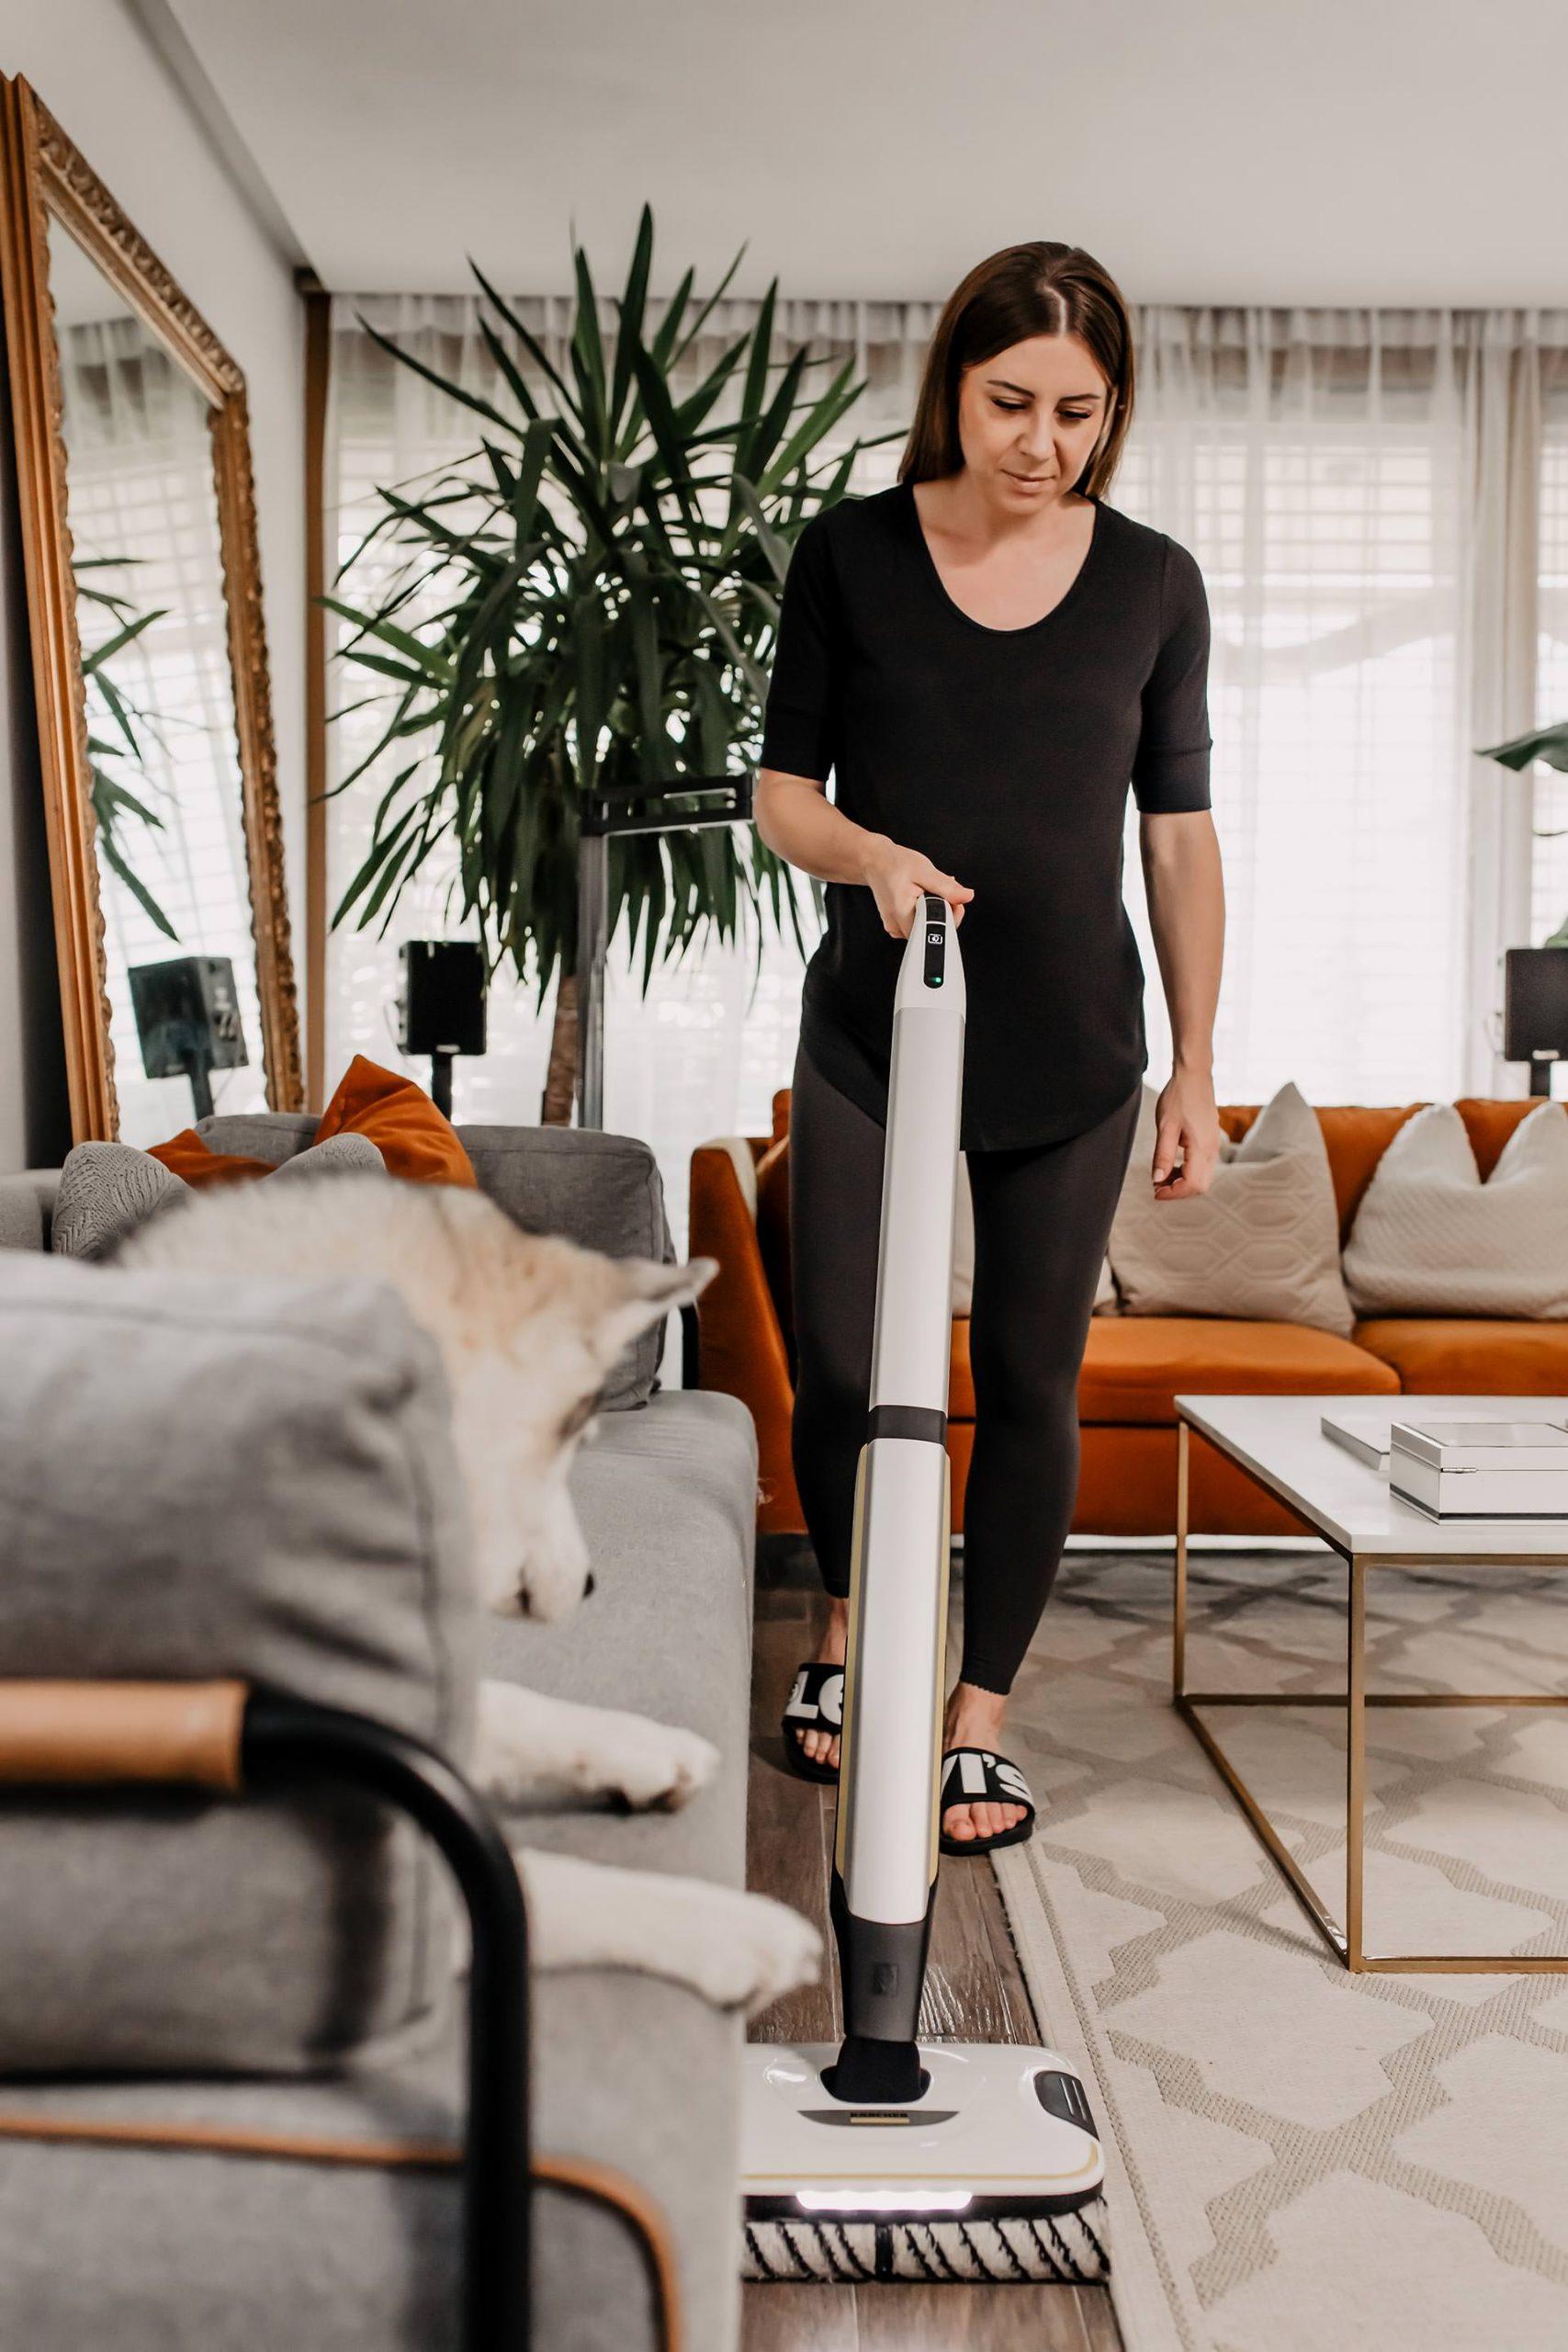 Anzeige. Am Interior Blog findest du heute sinnvolle Haushalts-Hacks: So leicht hältst du deinen Haushalt sauber – auch mit Hund! www.whoismocca.com